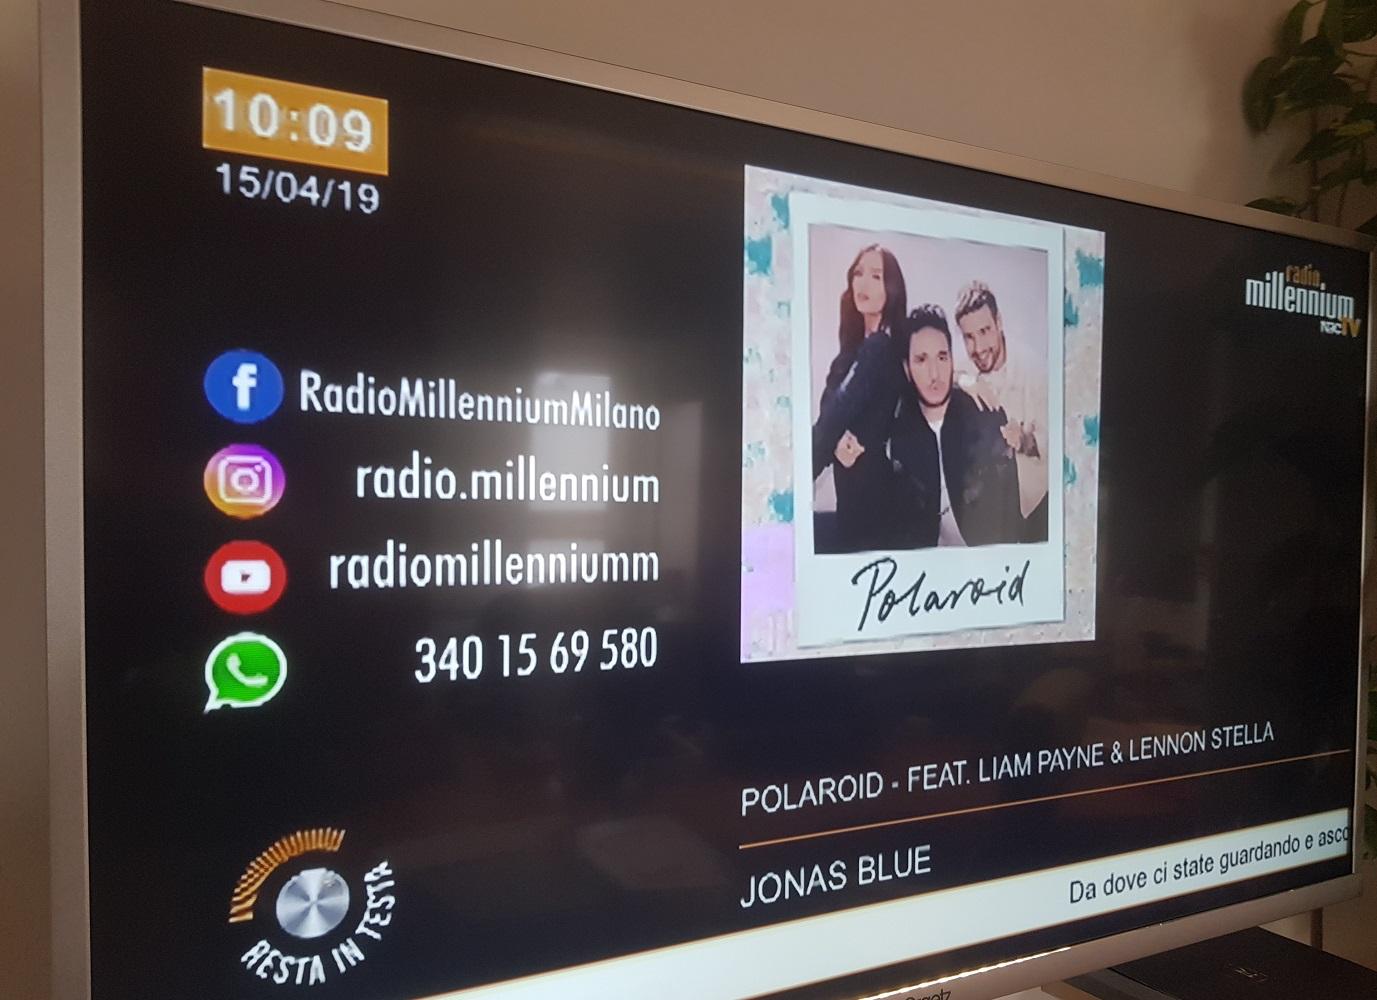 Radio Millennium Tv - Tv locali. Lombardia, molte novita' significative nel DTT regionale: i programmi della Svizzera Italiana su Tlc, Ettore Andenna su Milano Pavia Tv, nuovi arrivi visual radio e molti cambi di mux